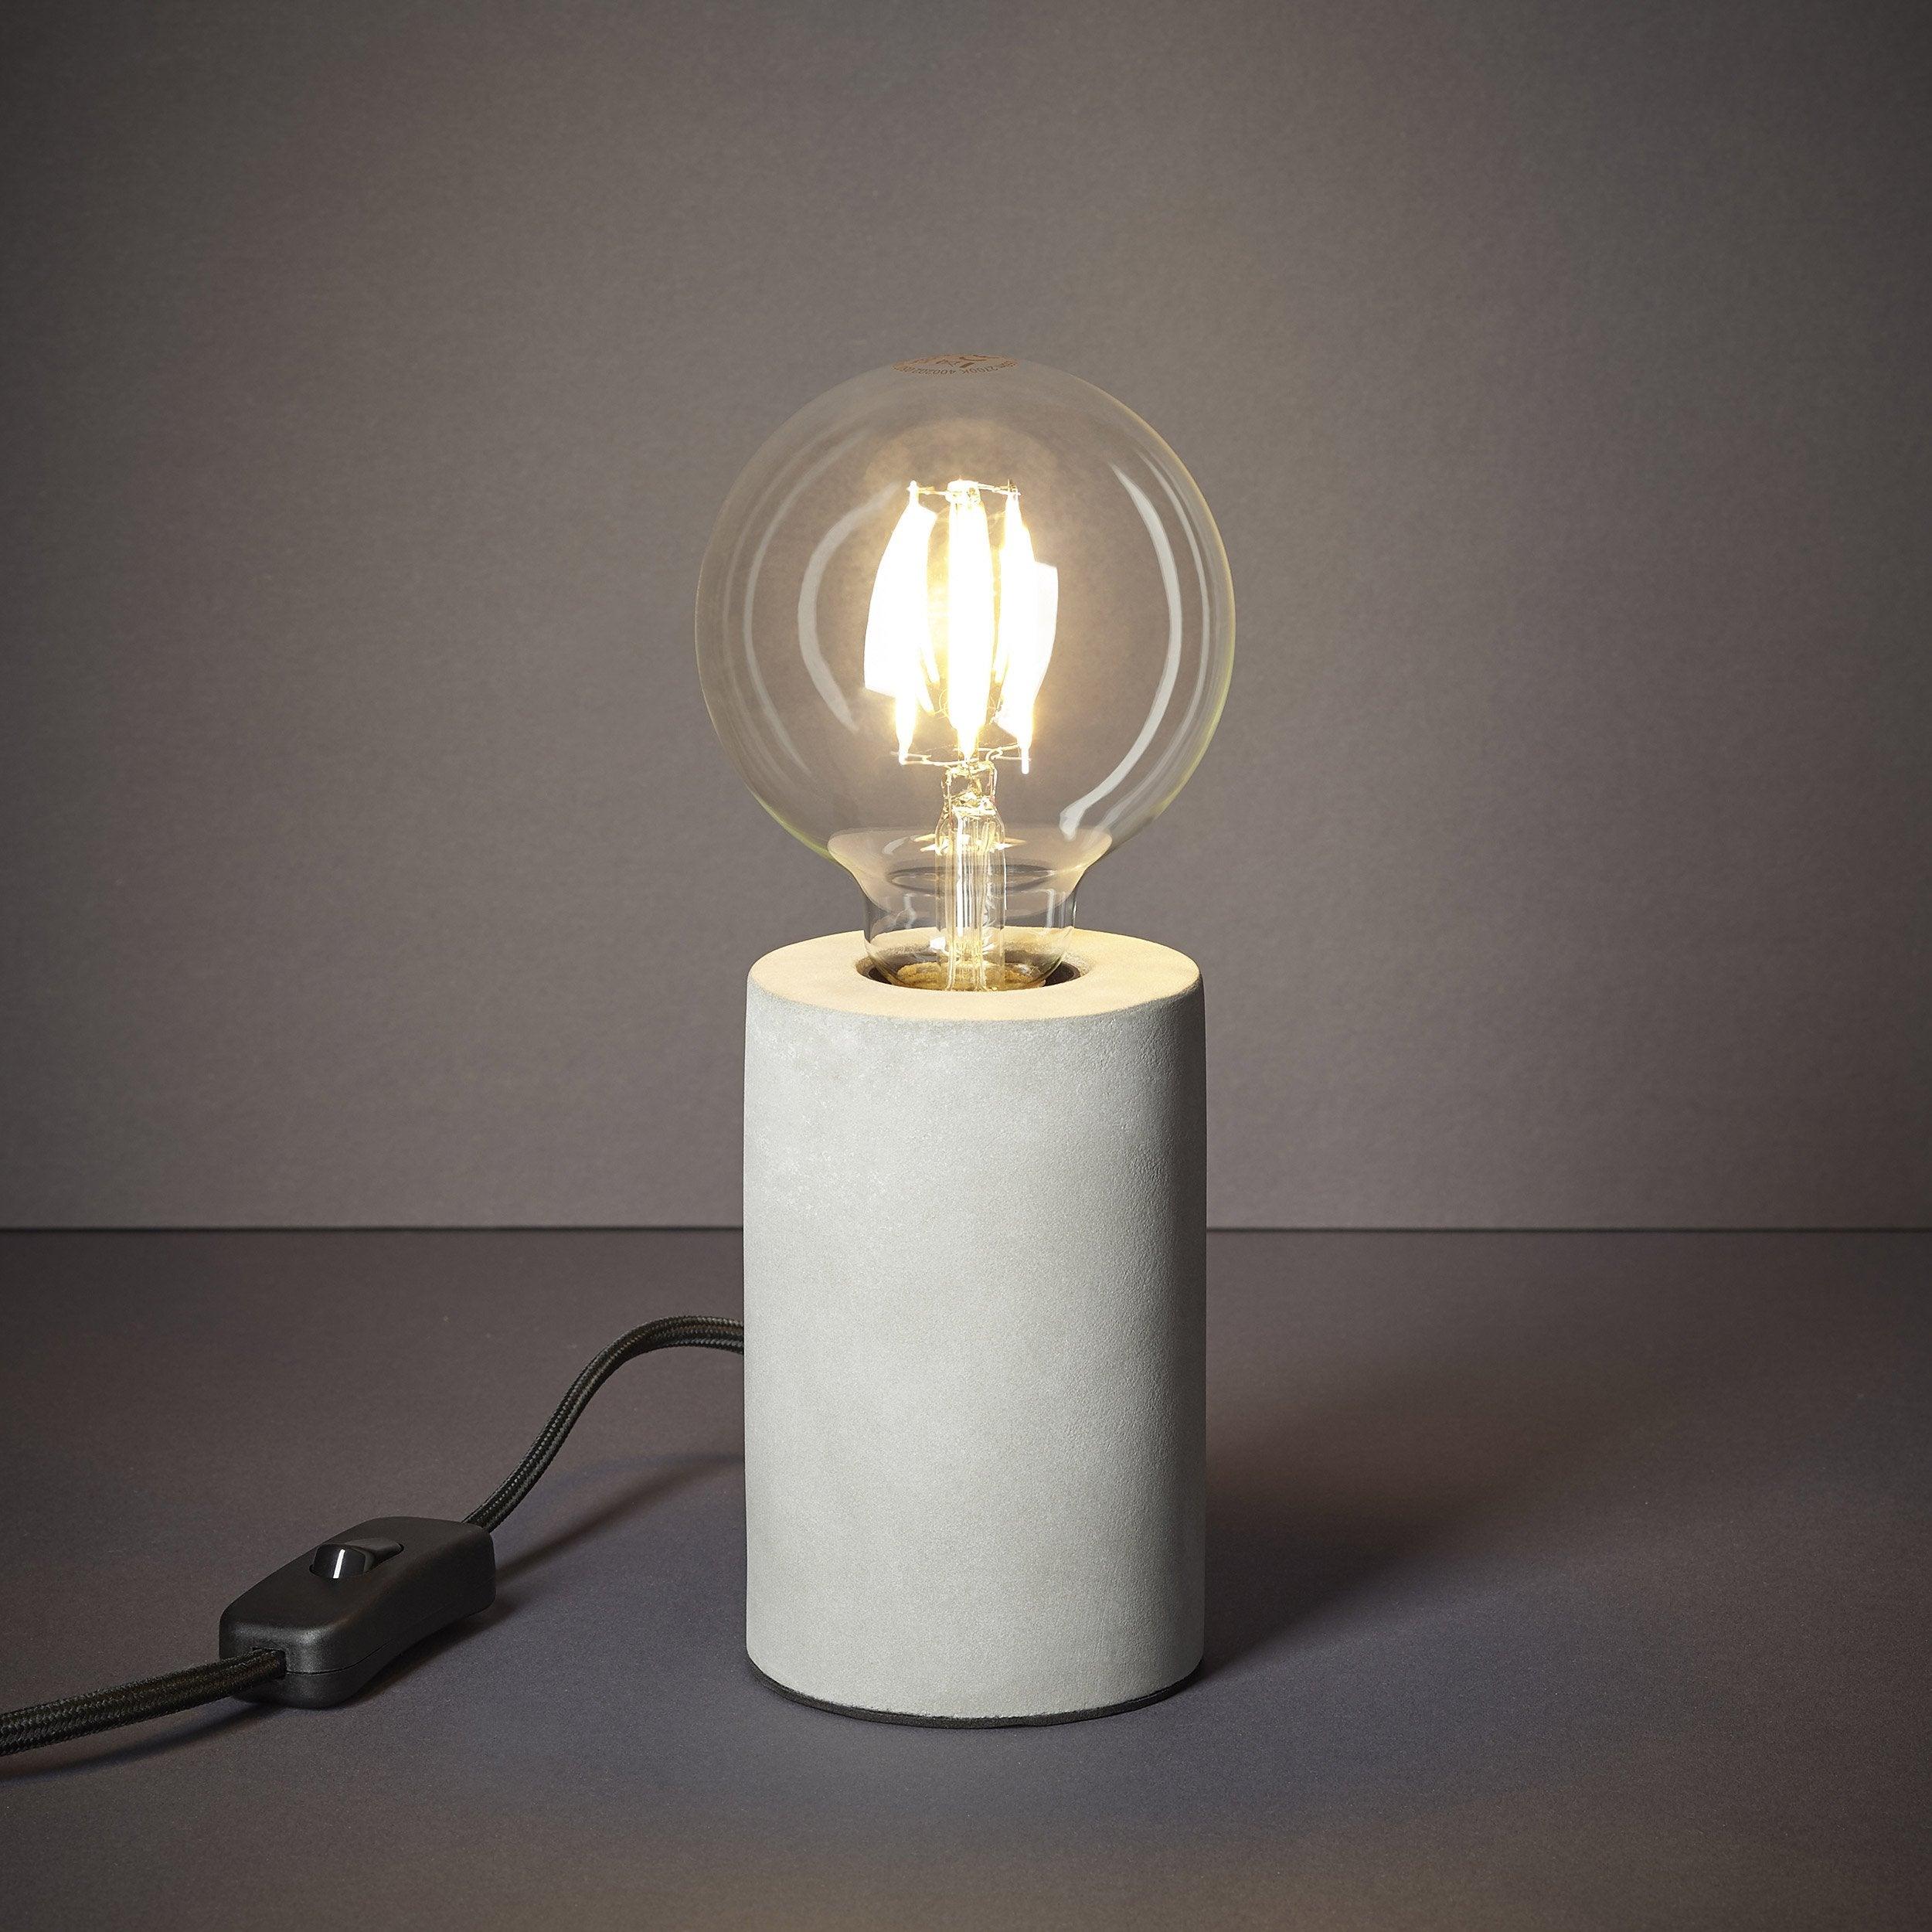 Lampe Vintage Beton Beton Inspire Ralee Lampes Vintage Lampe Lampe De Chevet